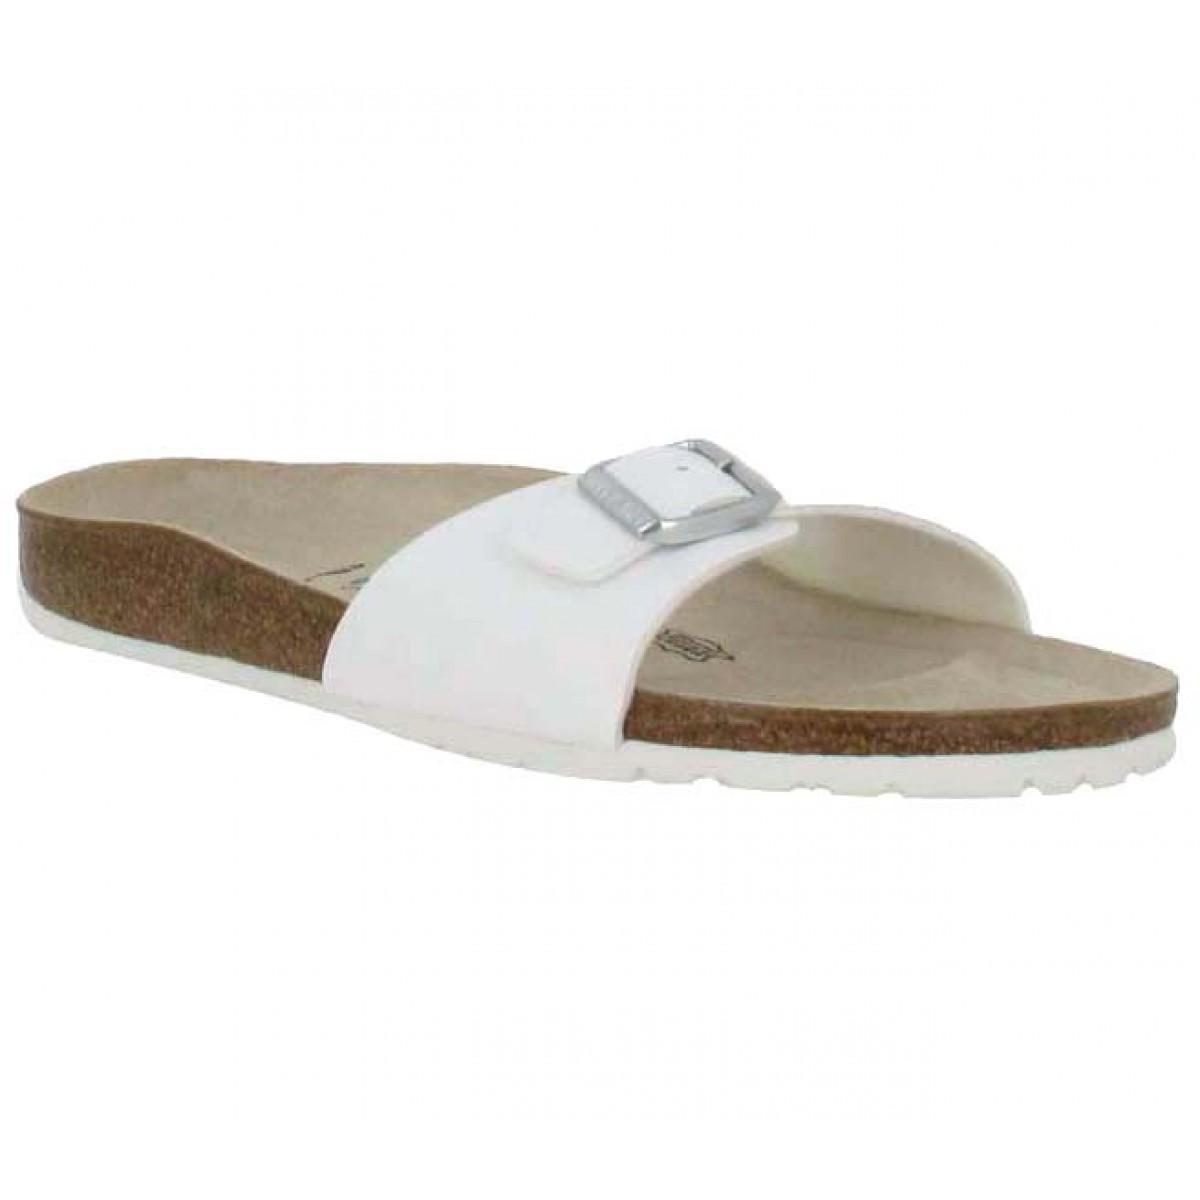 chaussures style birkenstock men sandals. Black Bedroom Furniture Sets. Home Design Ideas